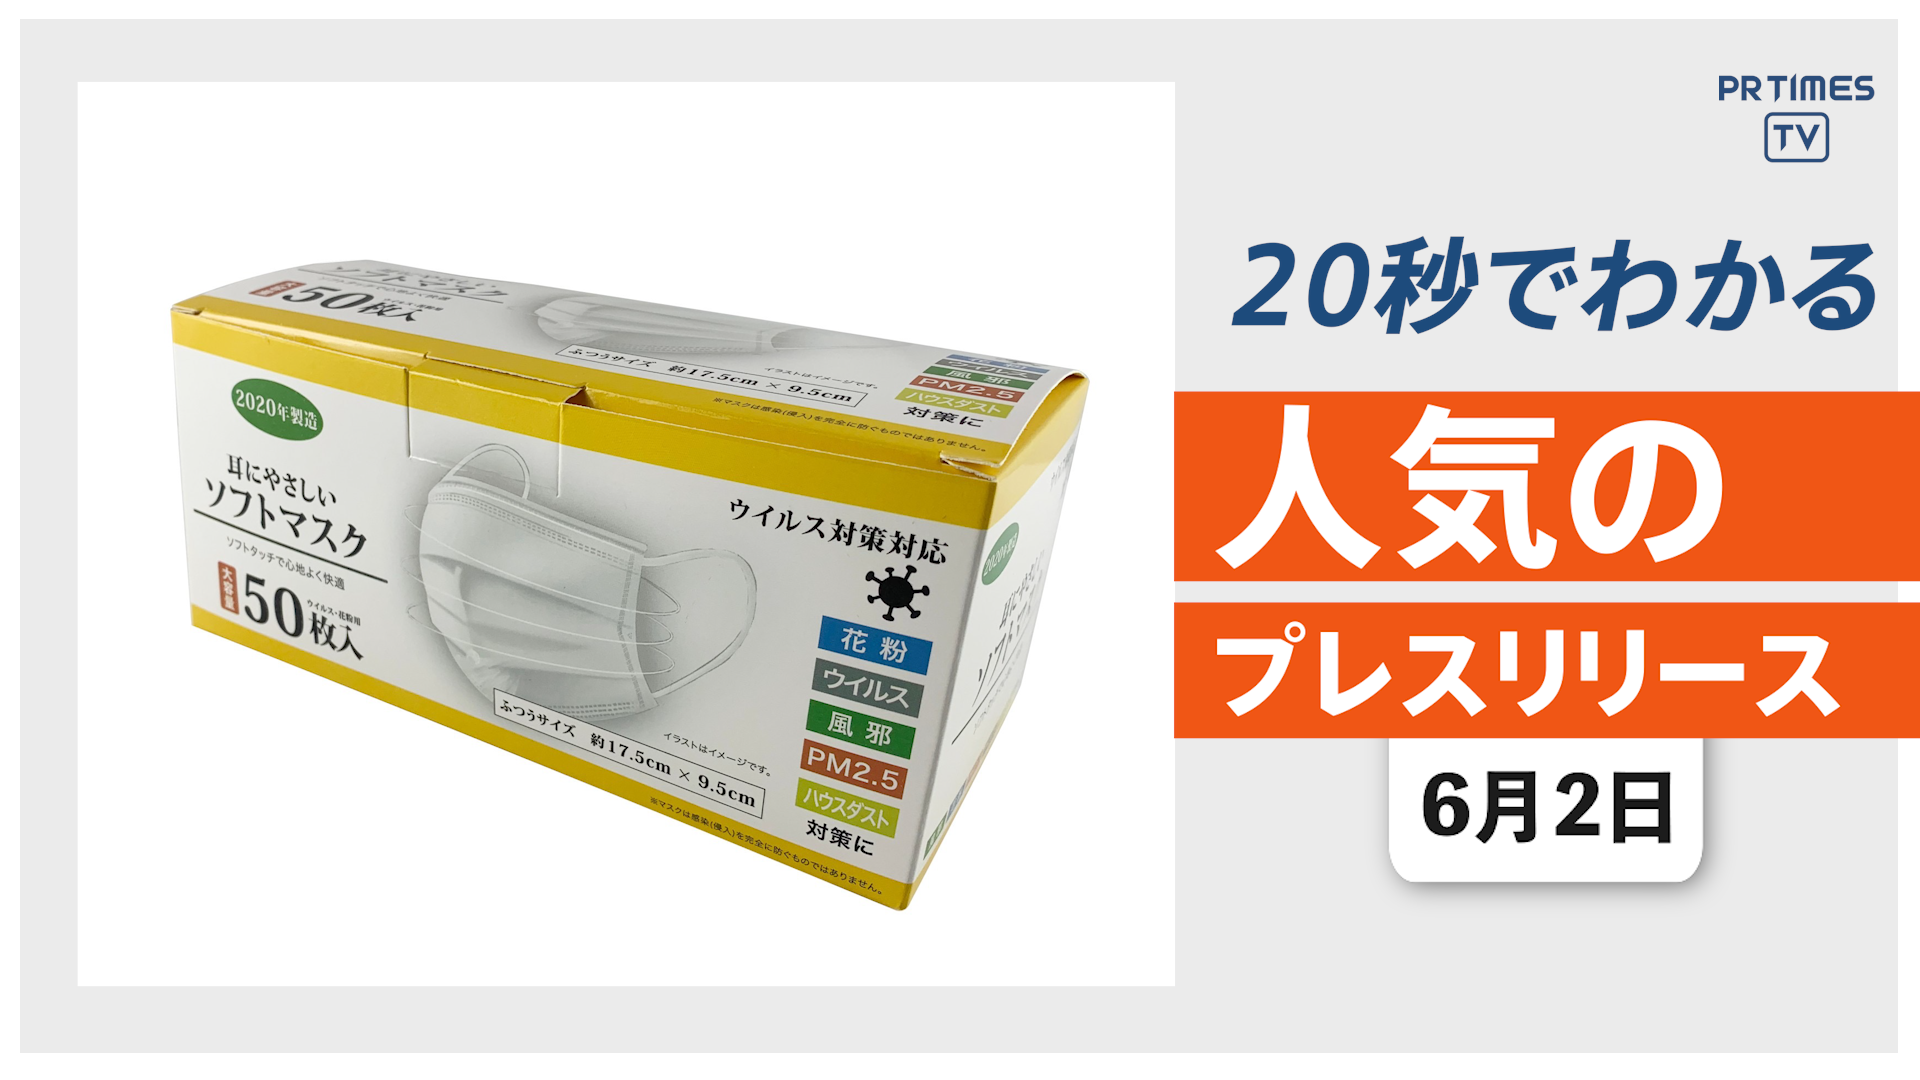 【マスク1箱50枚入りを コロナ騒動以前の価格で 追加販売】他、新着トレンド6月2日